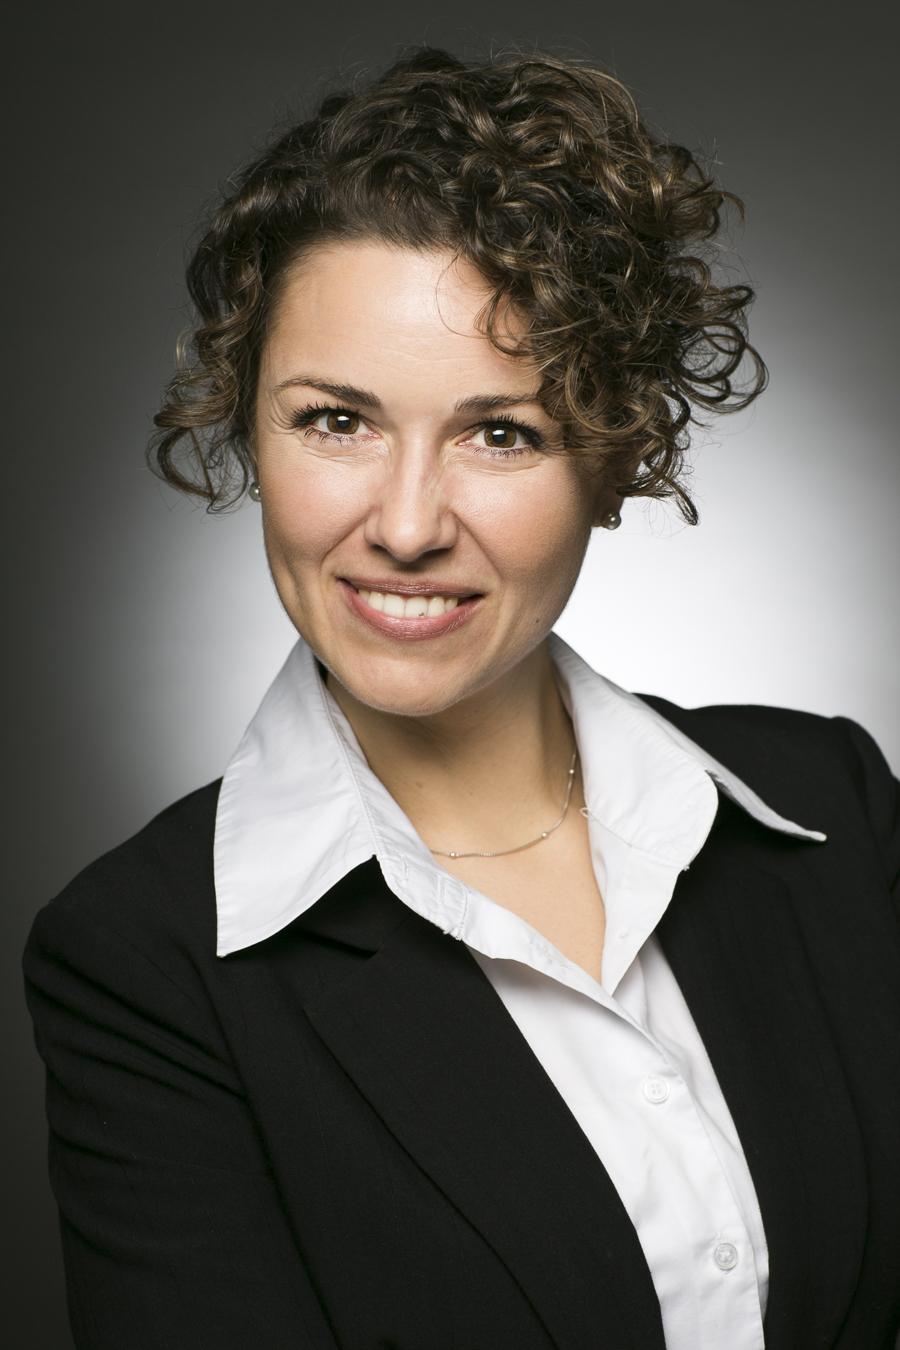 Laura-Fiederer-Fotografie-Portrait-Frankfurt-Rhein-Main-Darmstadt-Mörfelden-Walldorf-Studio-9